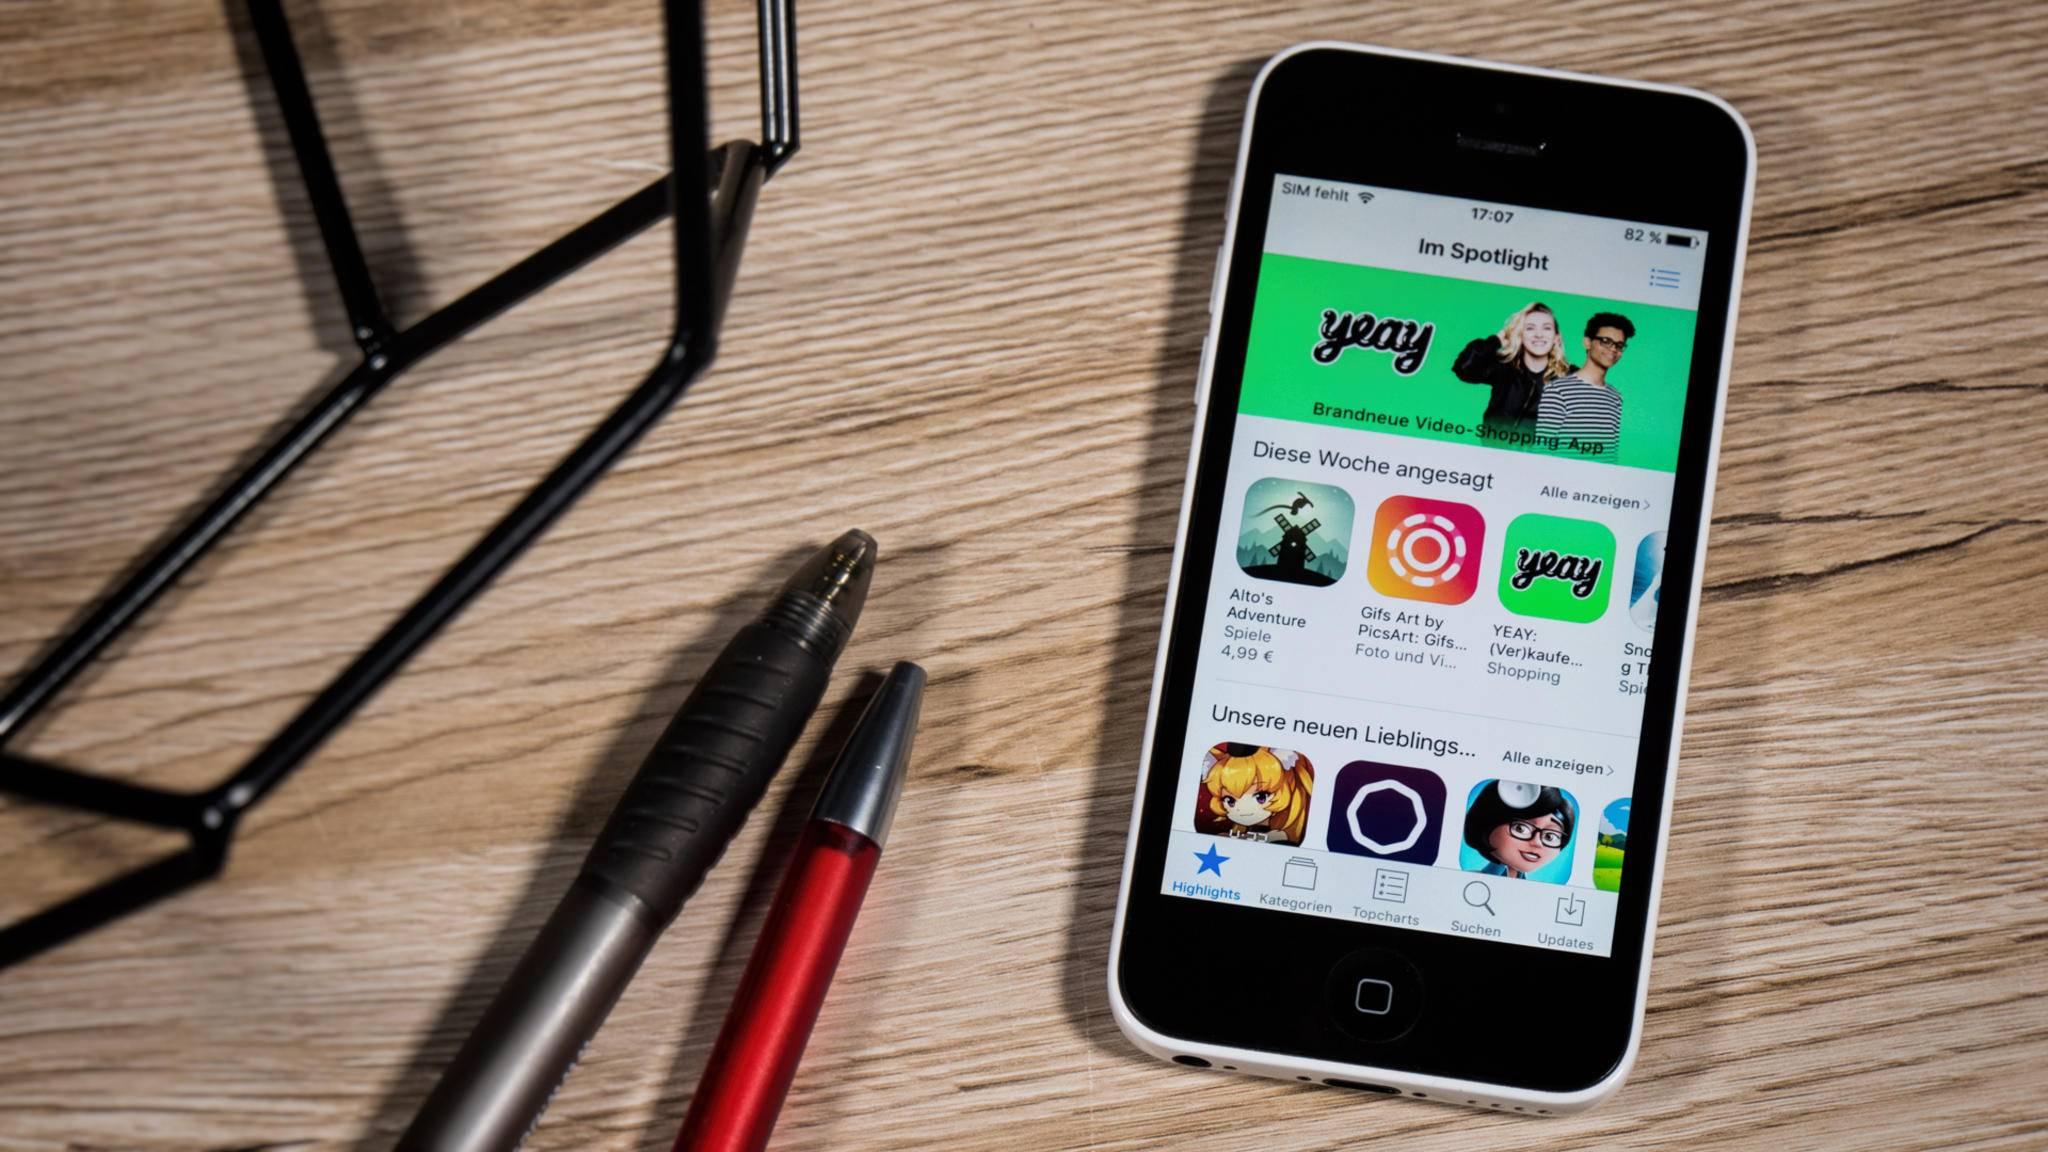 Probleme mit dem App Store? Dann helfen diese Tipps weiter.